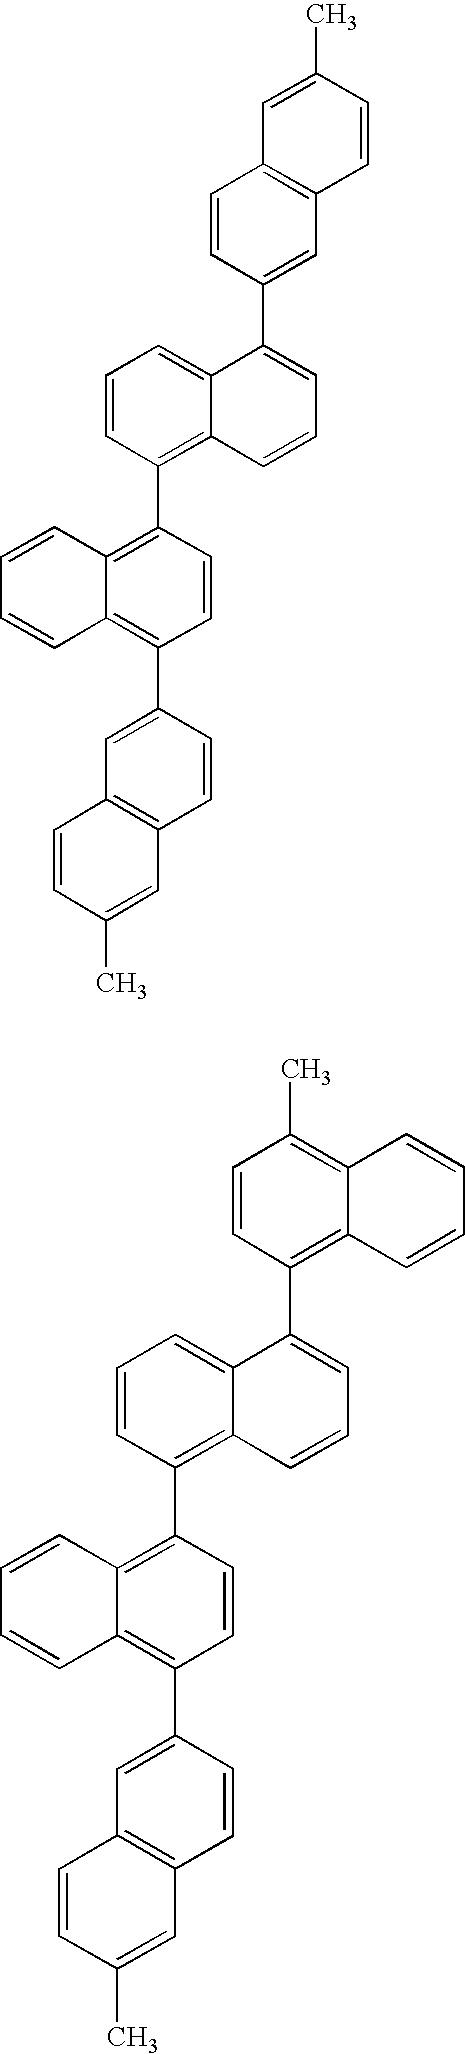 Figure US20100171109A1-20100708-C00094